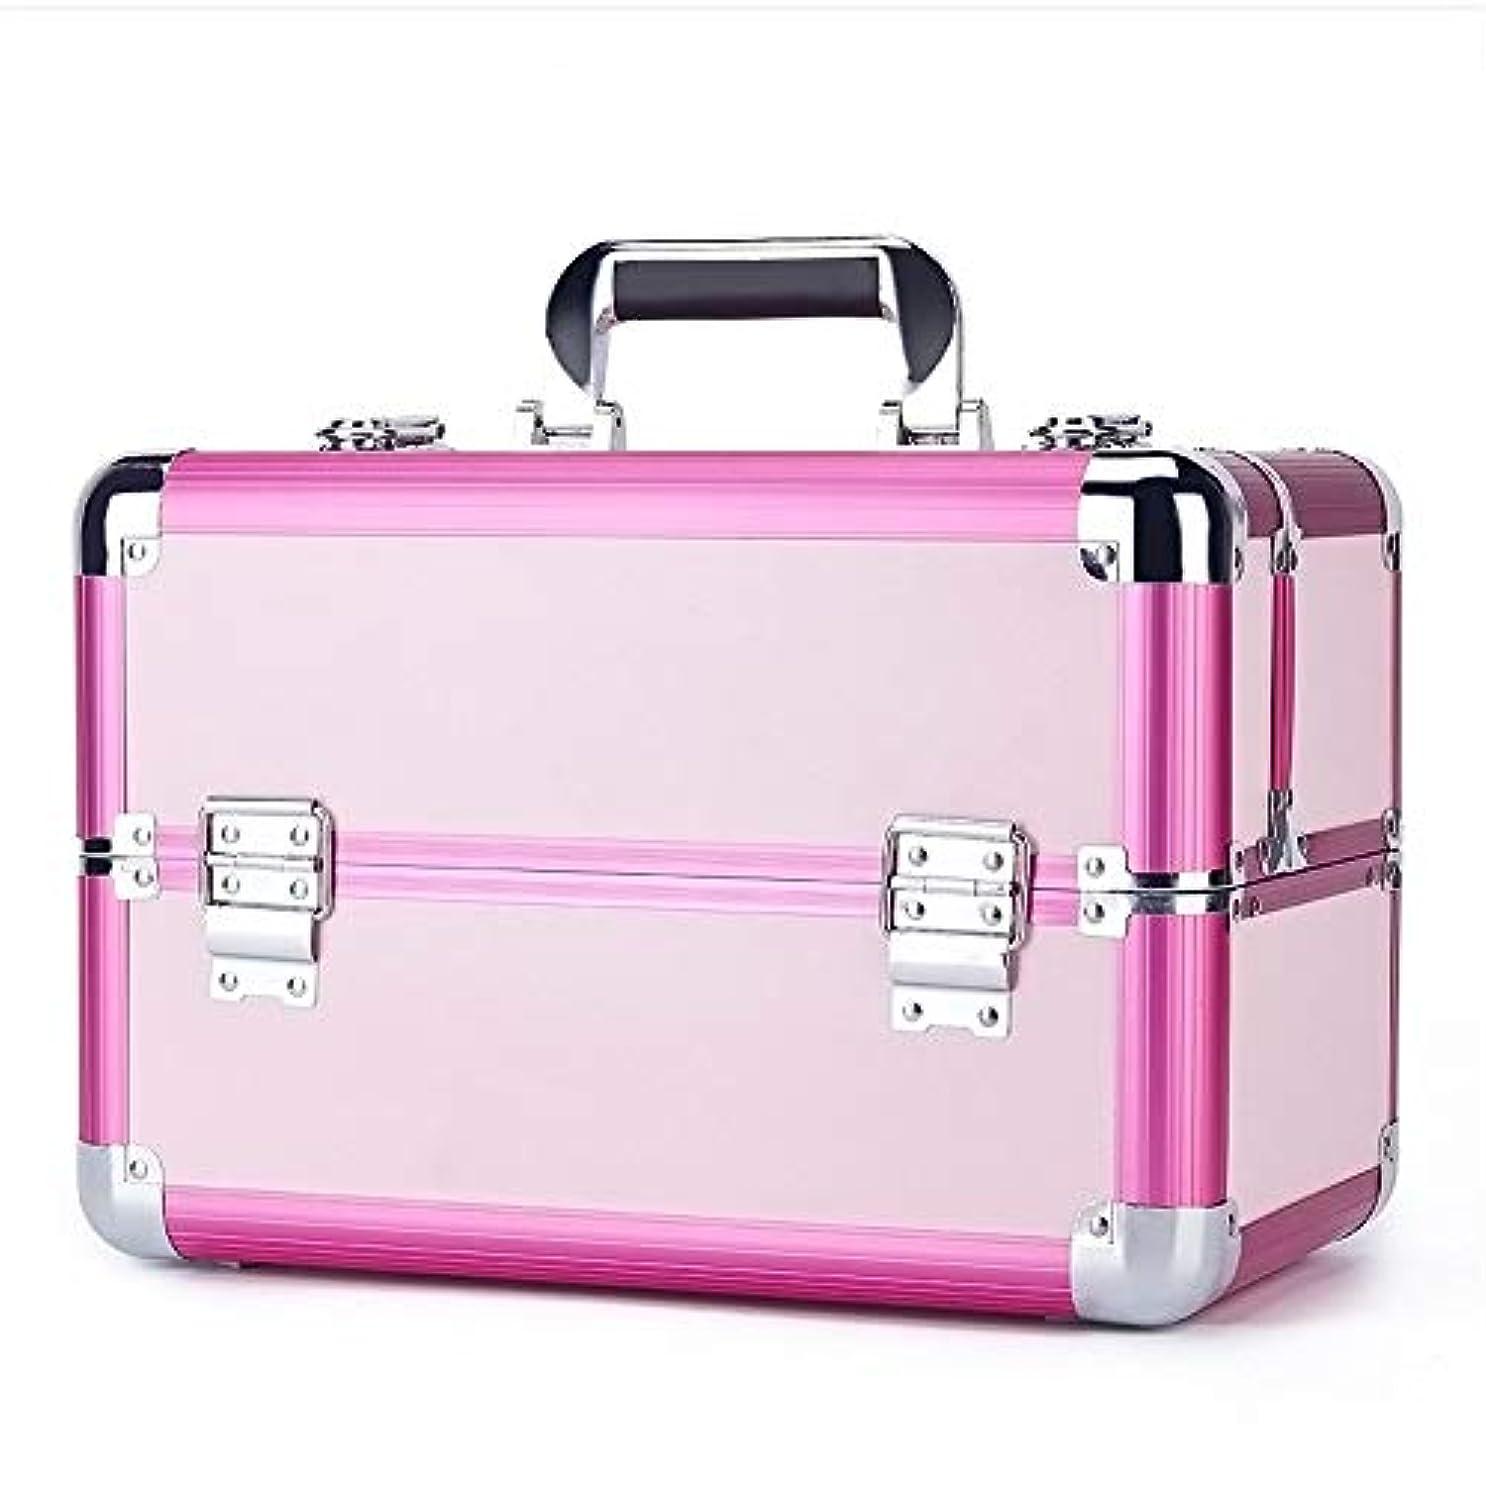 うつ五十エーカー化粧オーガナイザーバッグ 旅行メイクアップバッグパターンメイクアップアーティストケーストレインボックス化粧品オーガナイザー収納用十代の女の子女性アーティスト 化粧品ケース (色 : ピンク)